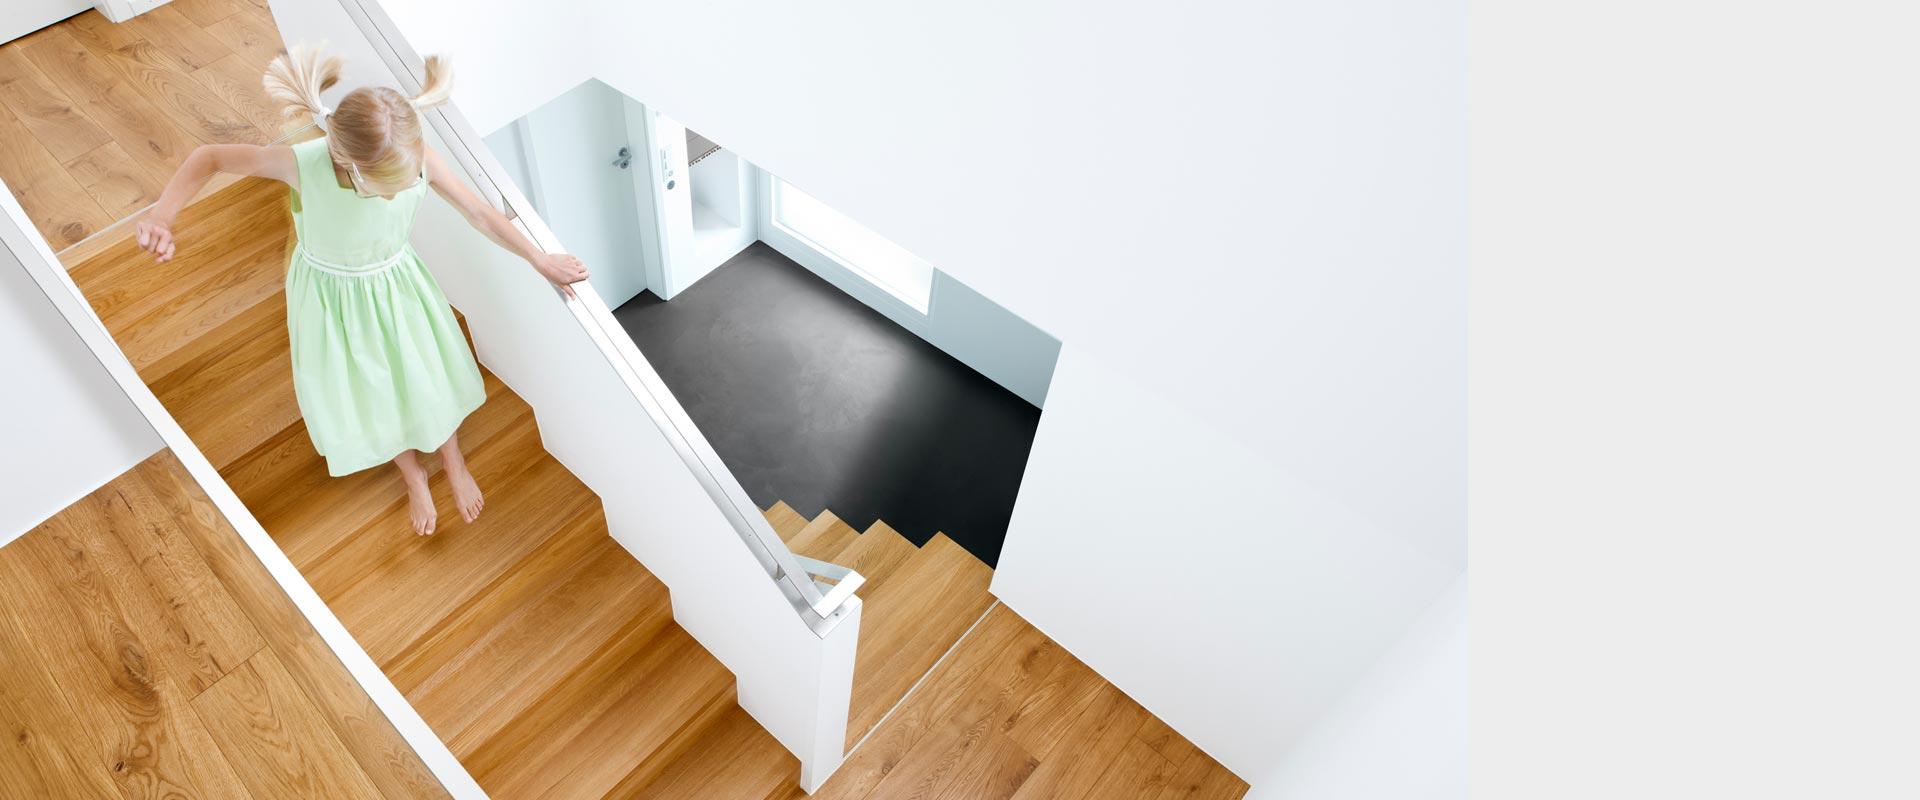 architekturbuero_henning_musahl_waldshut_wohnhaus_s_01